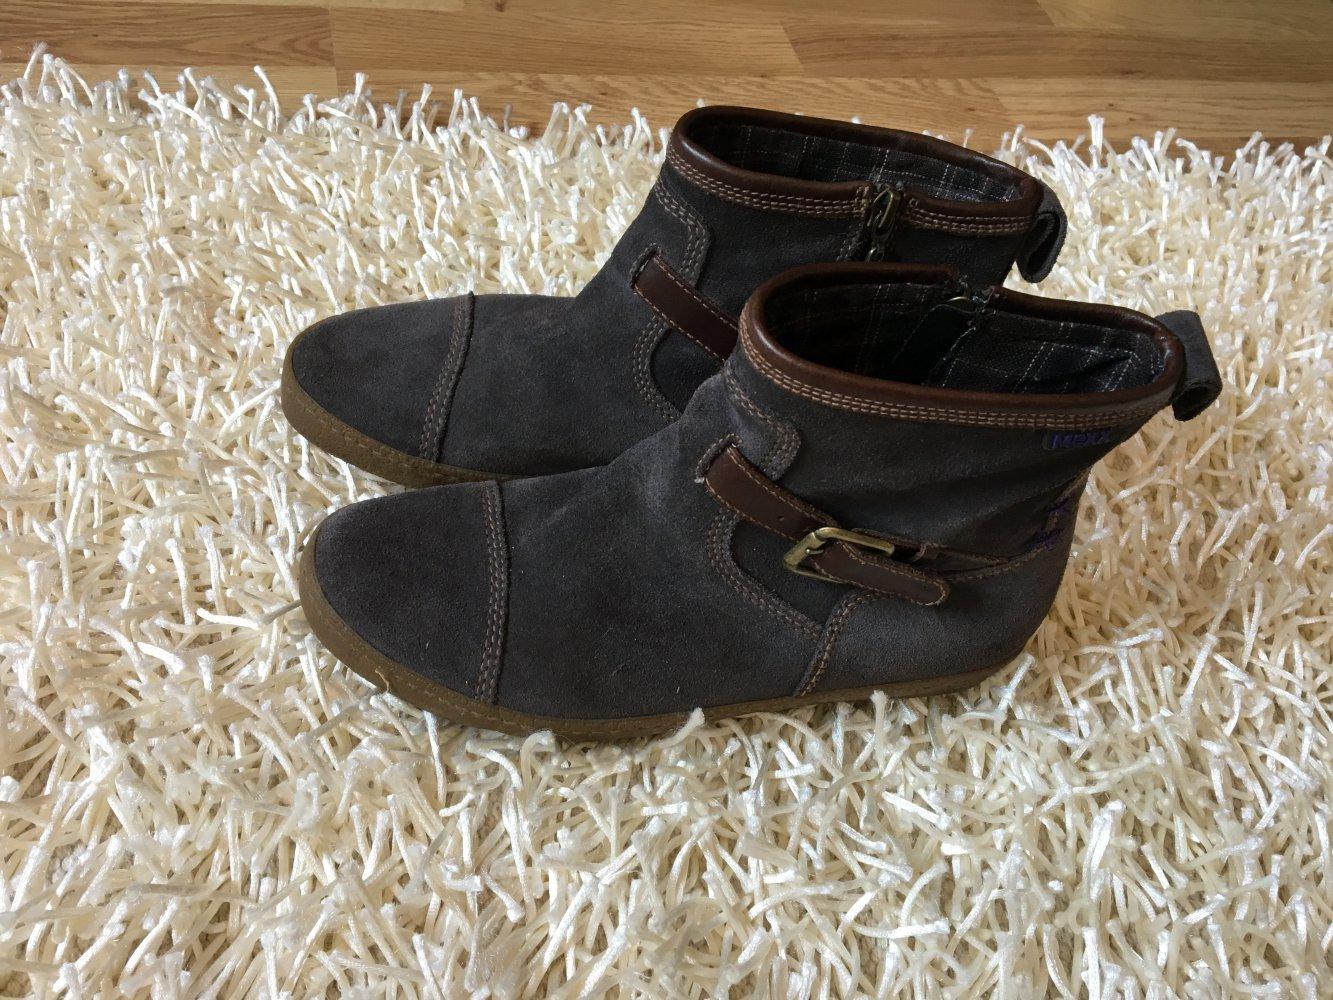 Mexx Stiefeletten Stiefel 40 Kleiderkorb grau lila    Kleiderkorb 40  eba05a